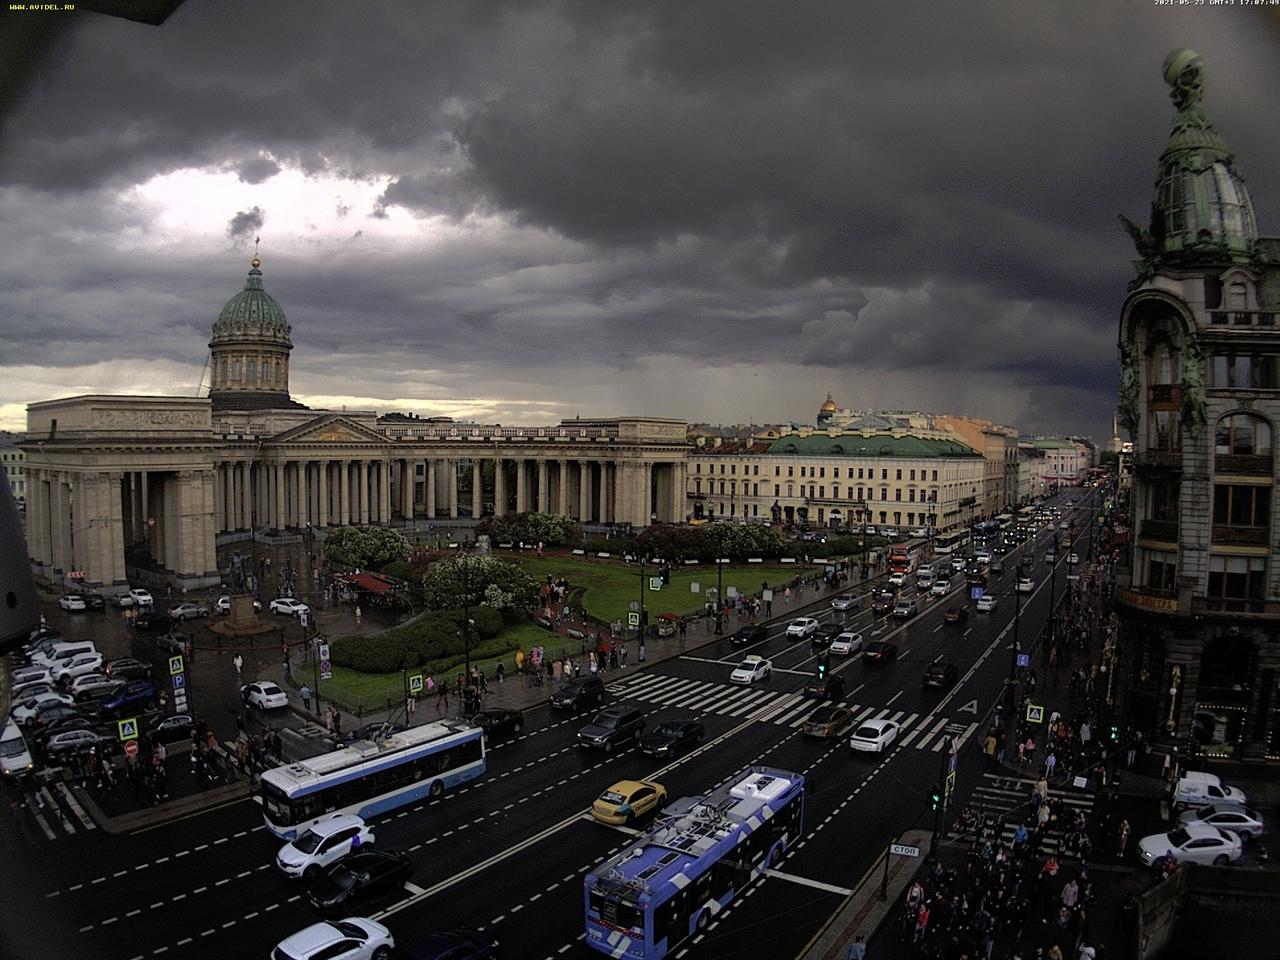 Необычное зрелище явилось людям на Невском проспекте - тучи расступились над куполом Казанского собо...